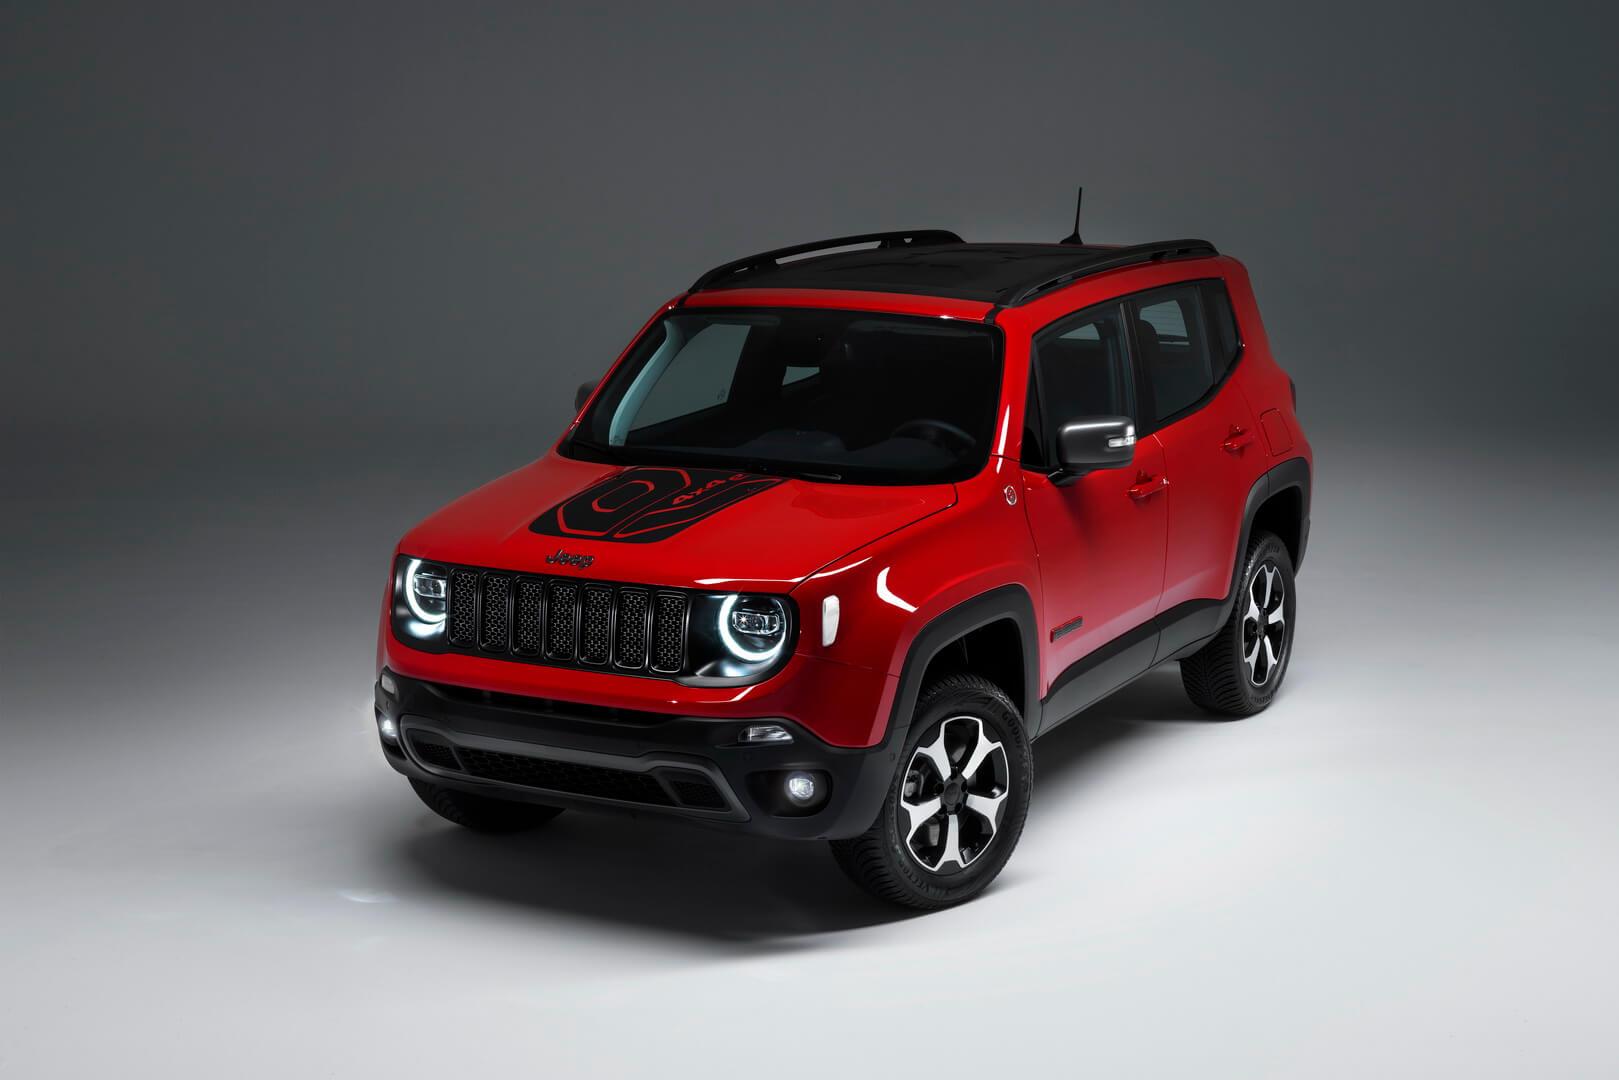 Плагин-гибрид Jeep Renegade PHEV